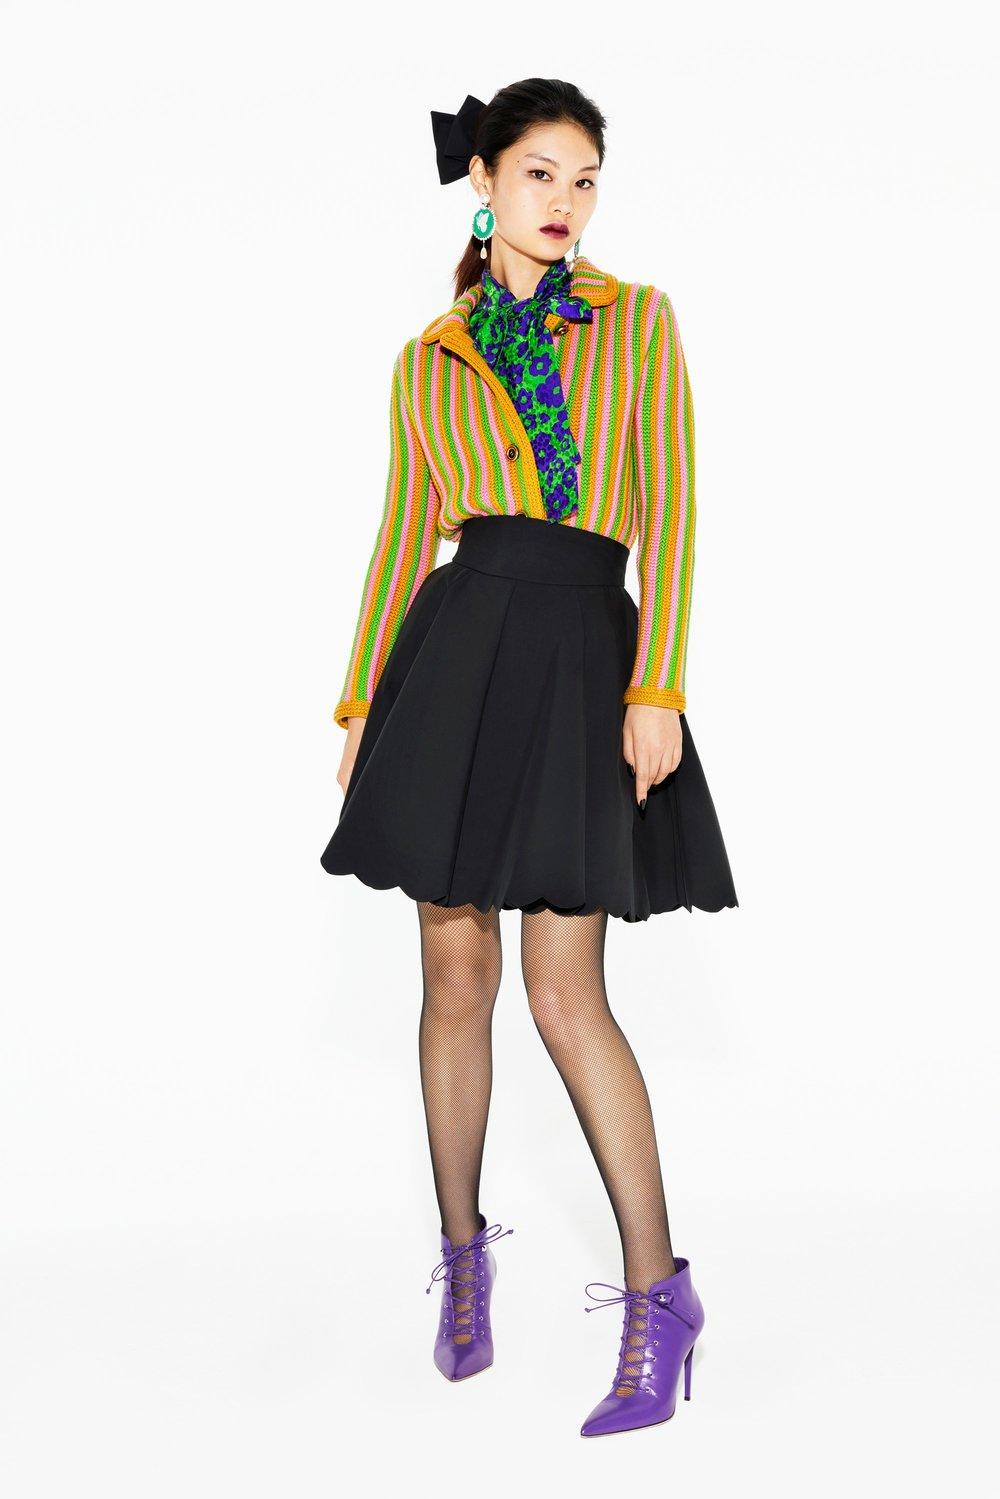 Miu Miu Prefall 2018 C/O Vogue.com